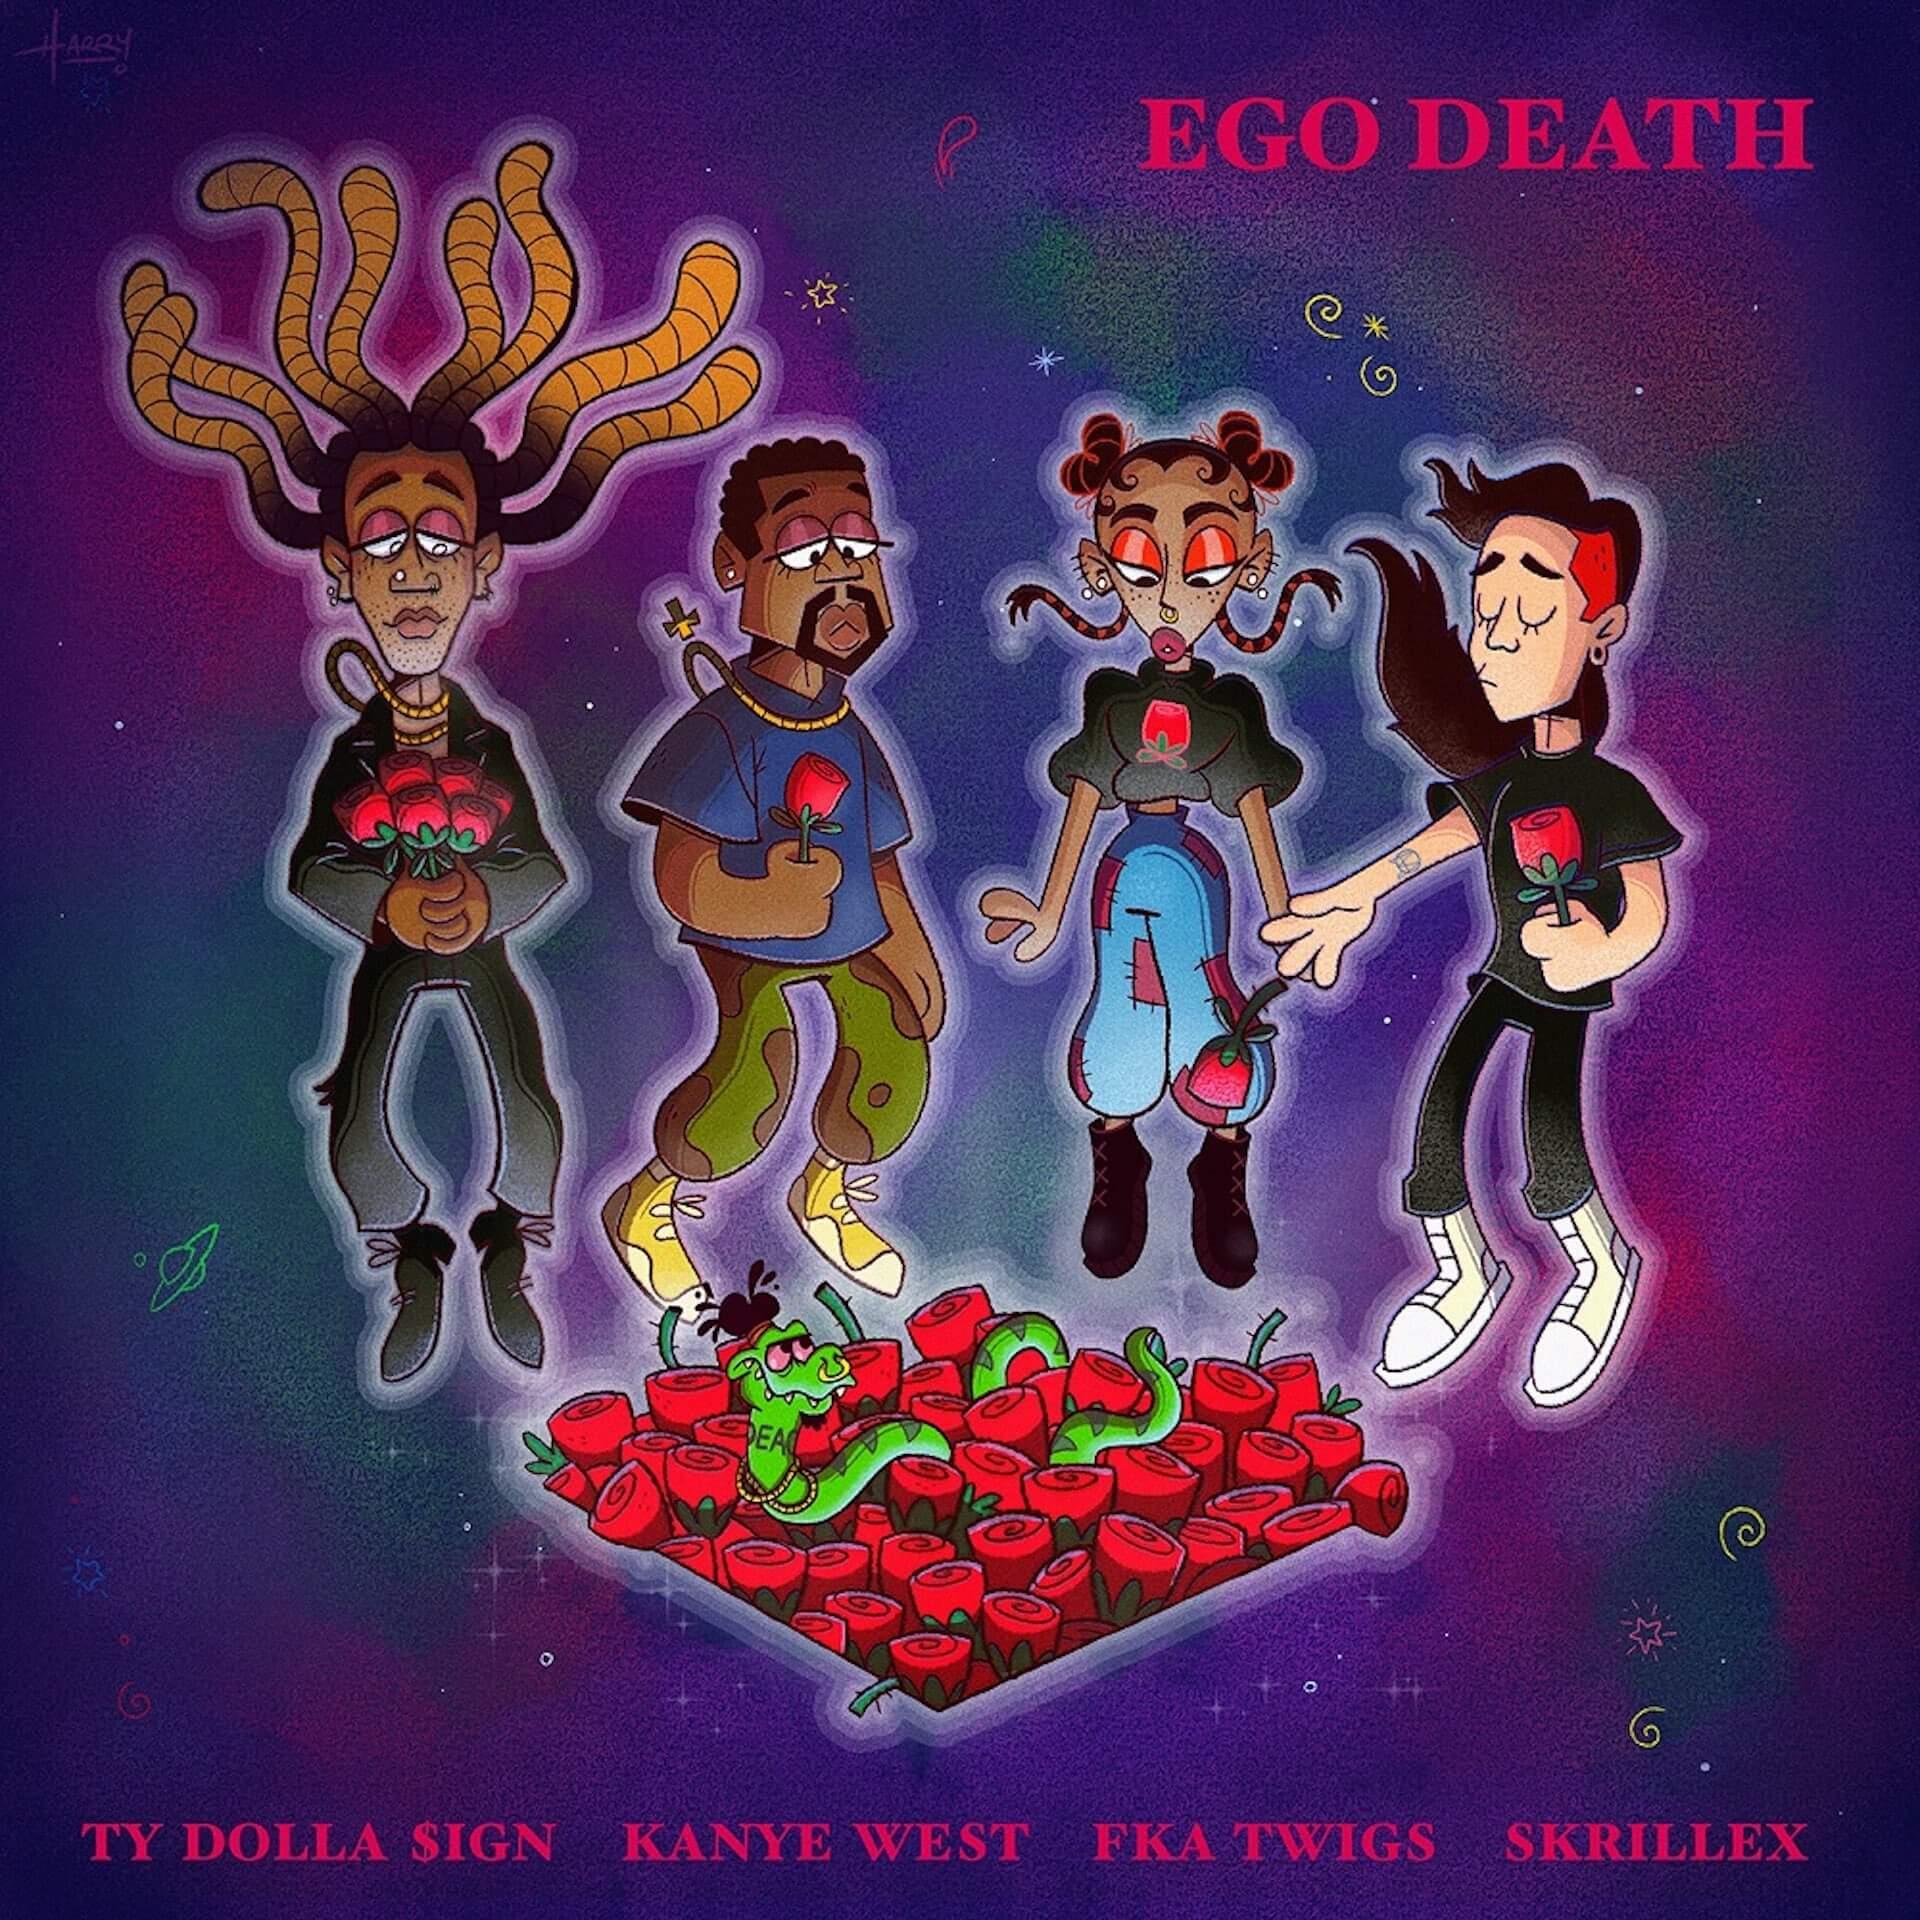 """Ty Dolla $ignが、Kanye West、FKA twigs、Skrillex参加の豪華新曲""""Ego Death""""を配信リリース! music200703_tydollasign_02"""